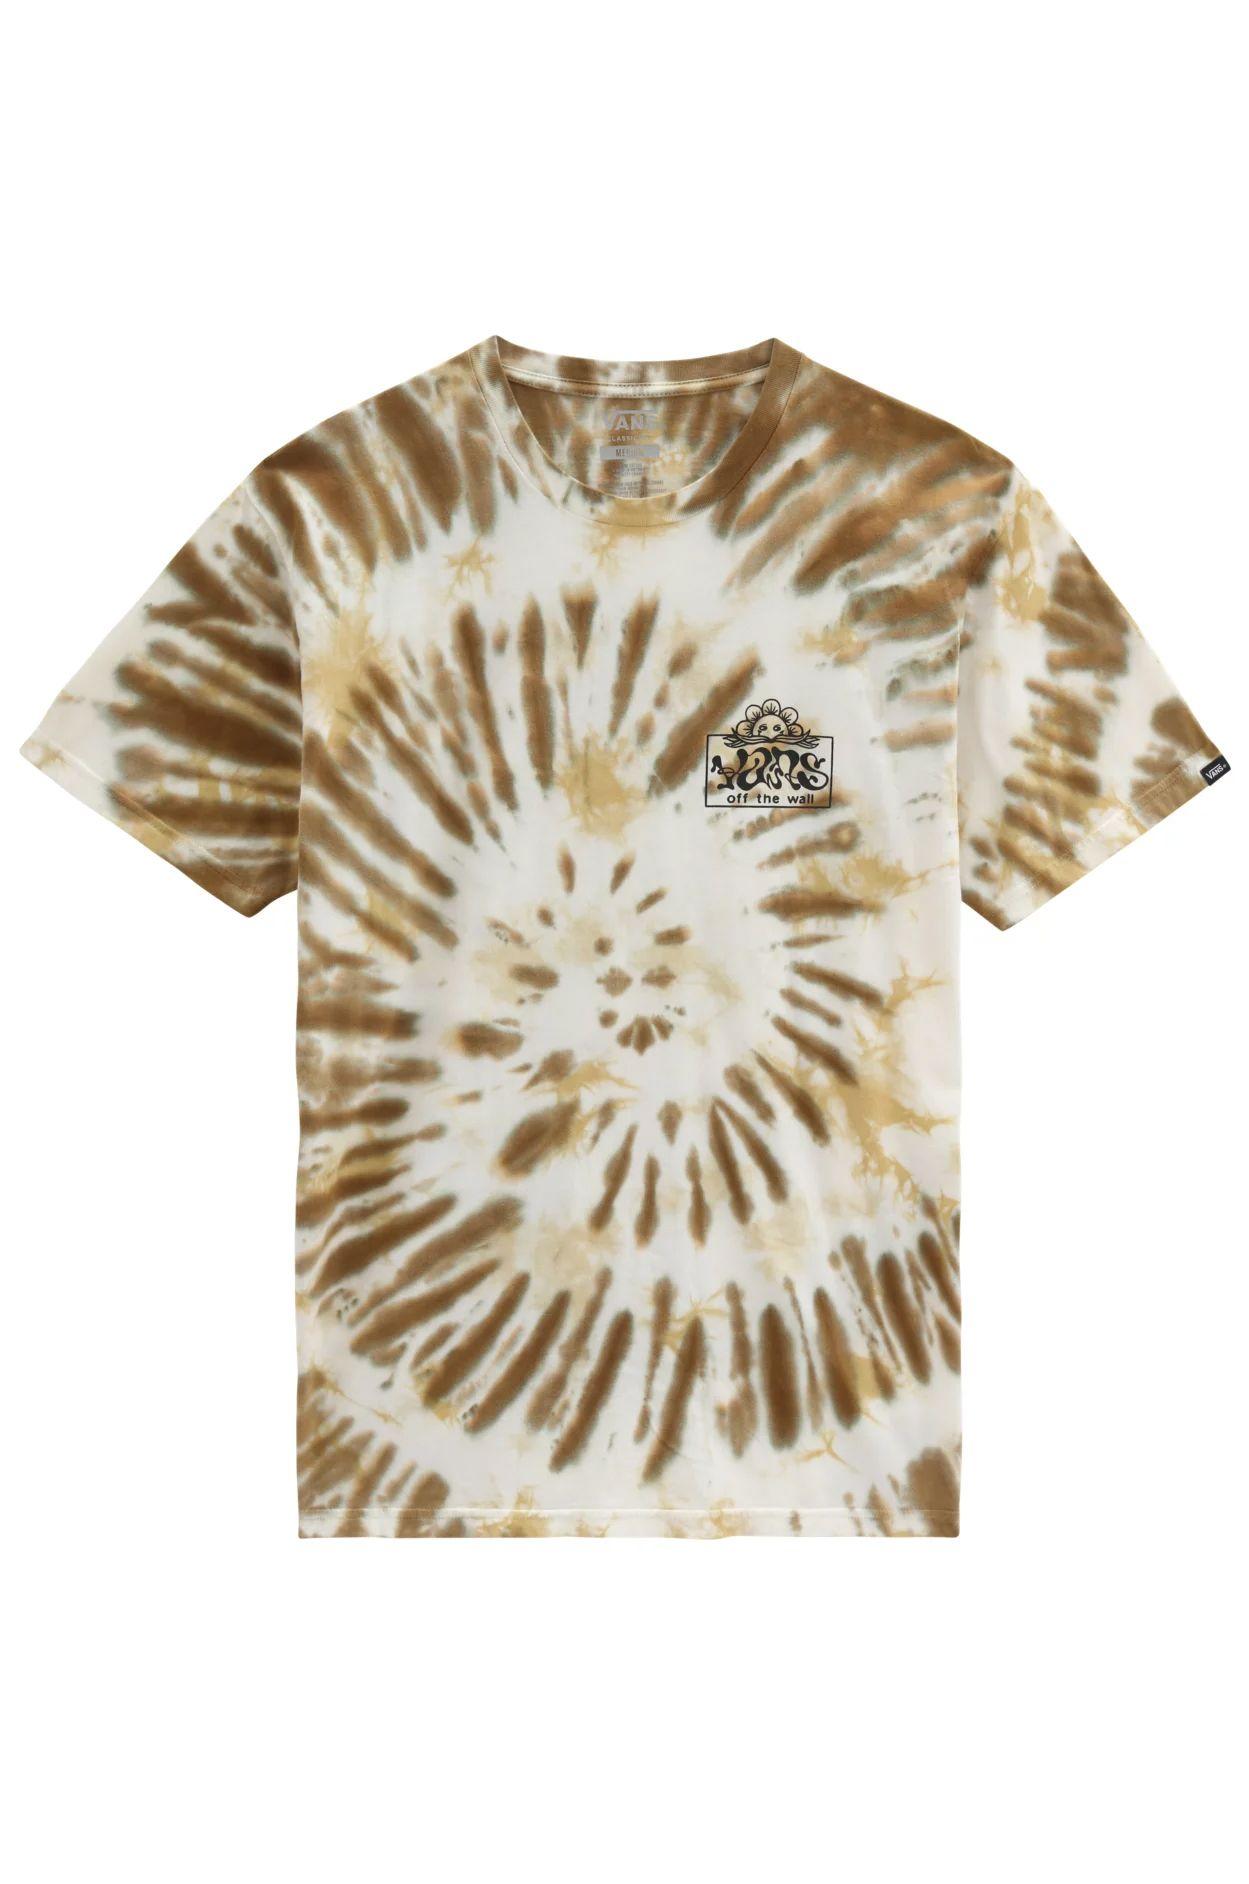 Vans T-Shirt LOOK AHEAD TIE DYE SS Nutria-Tie Dye